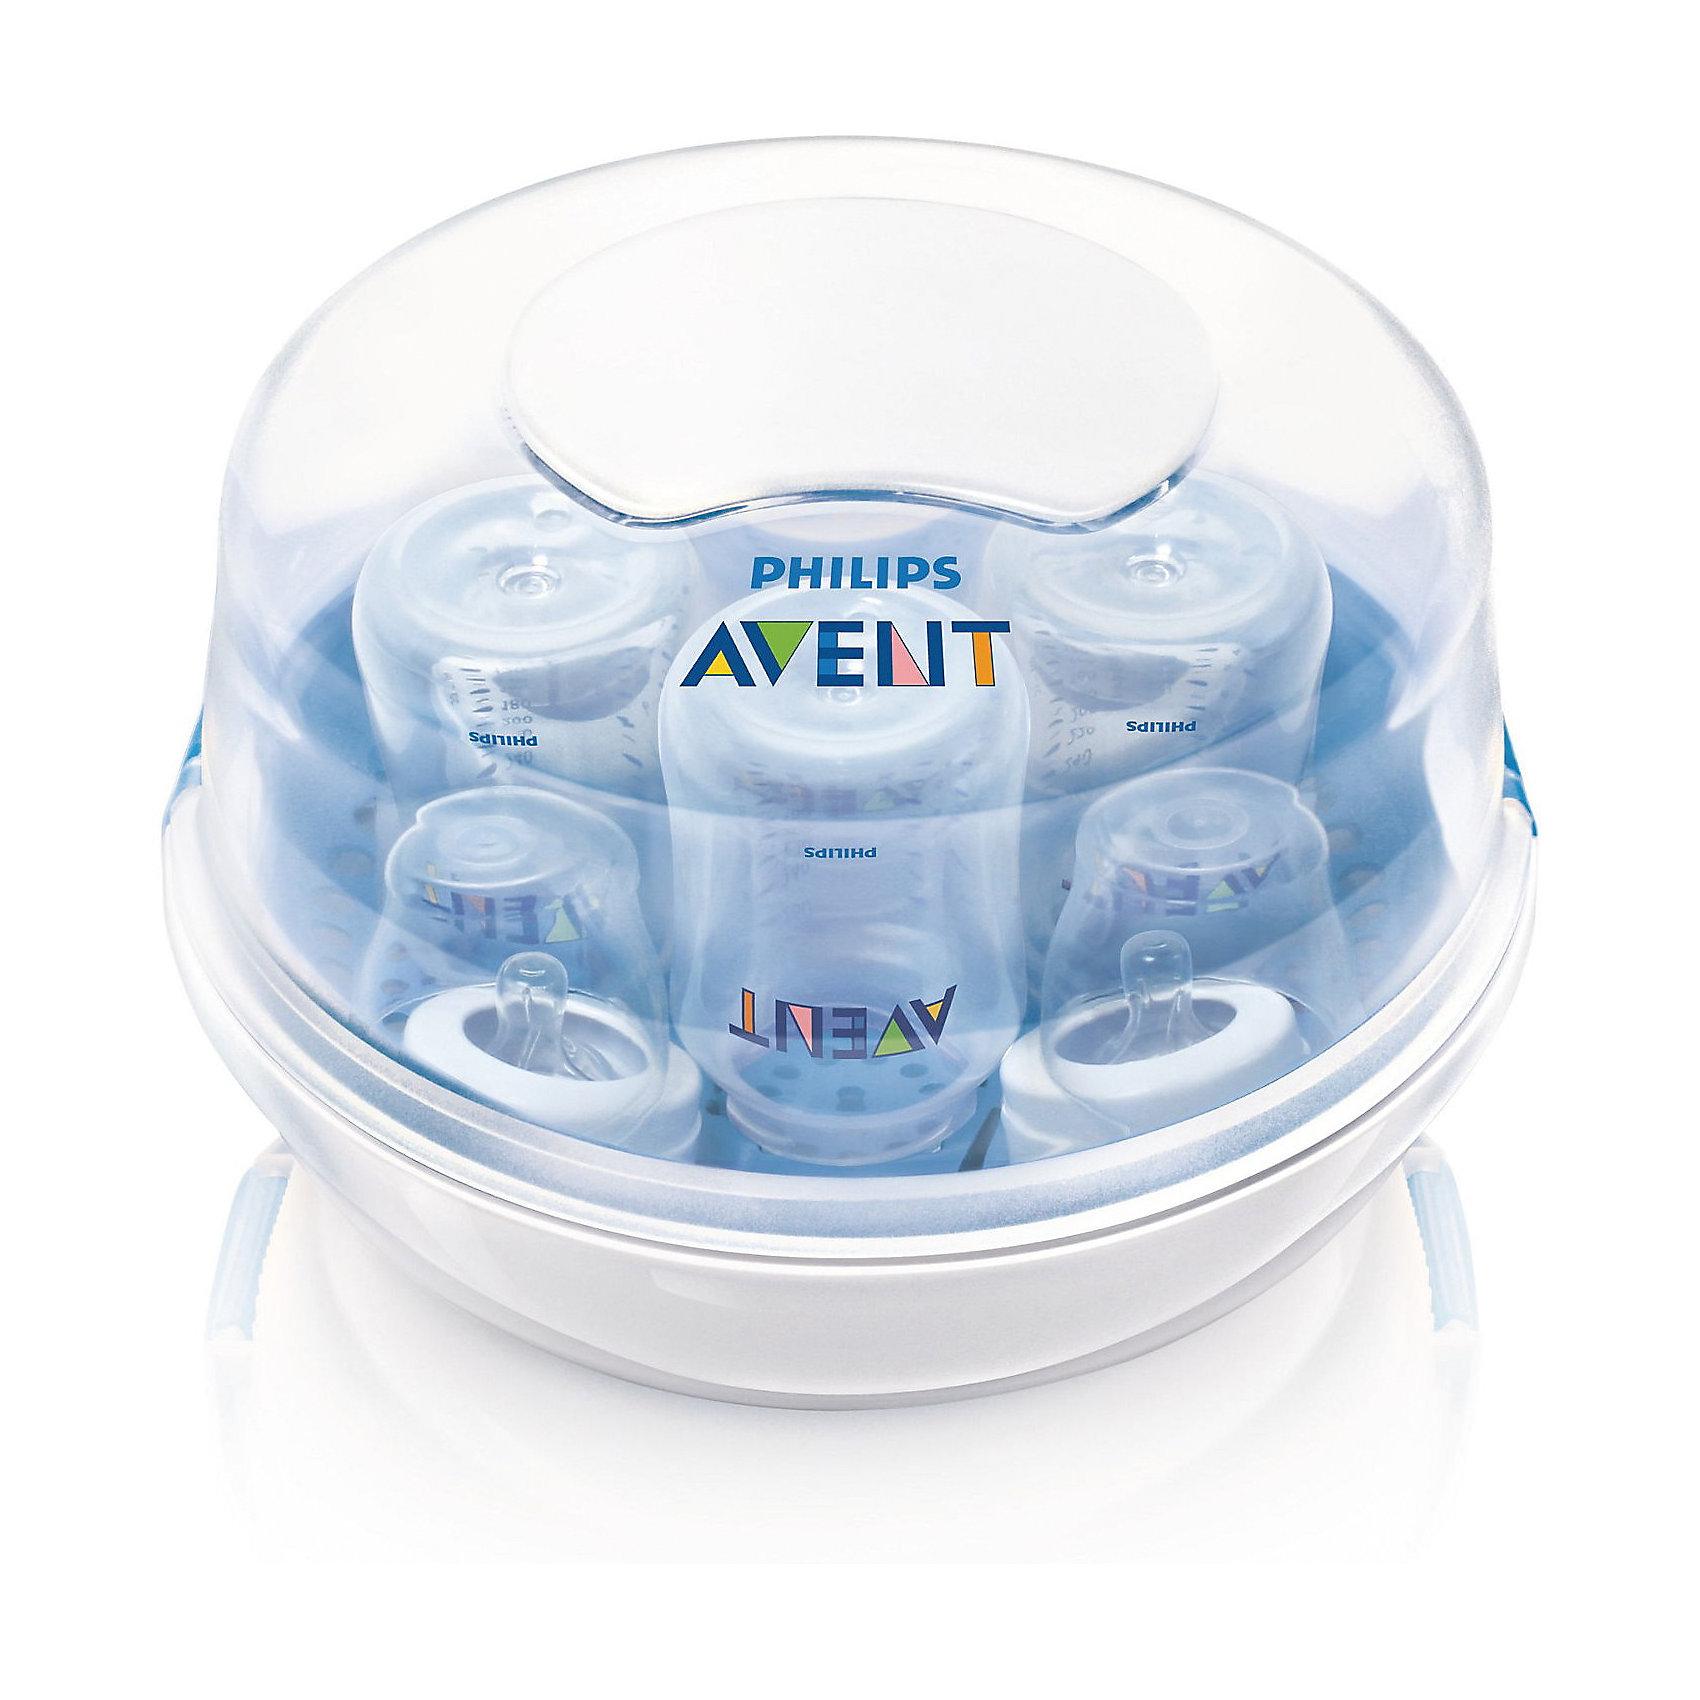 Стерилизатор бутылочек для СВЧ-печей SCF282/02, в комплекте 4 бутылочки, AVENT